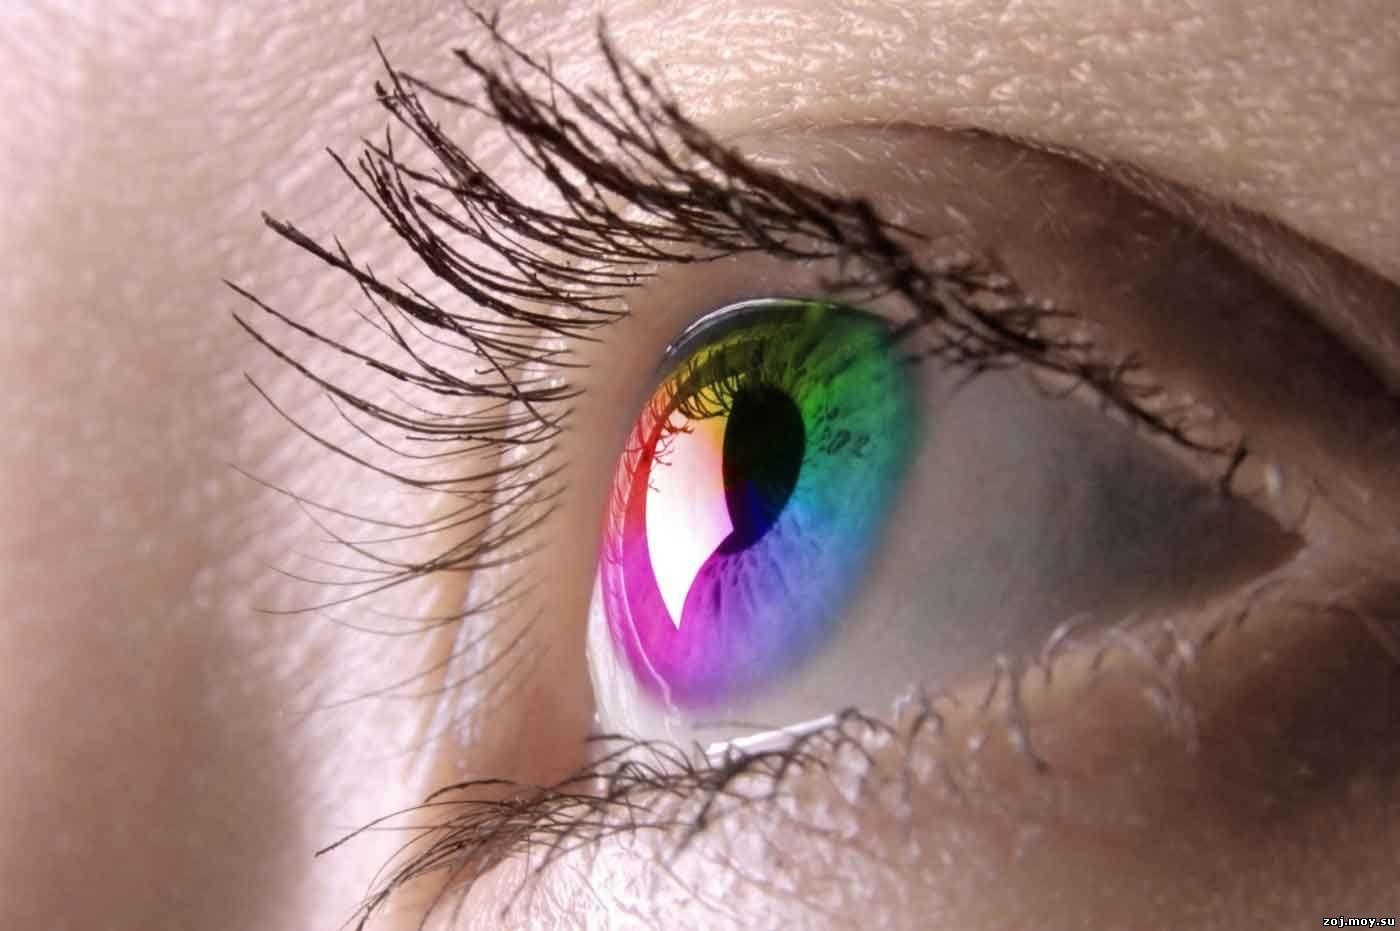 mi a látás legnagyobb mínusa mezei nyúl látása